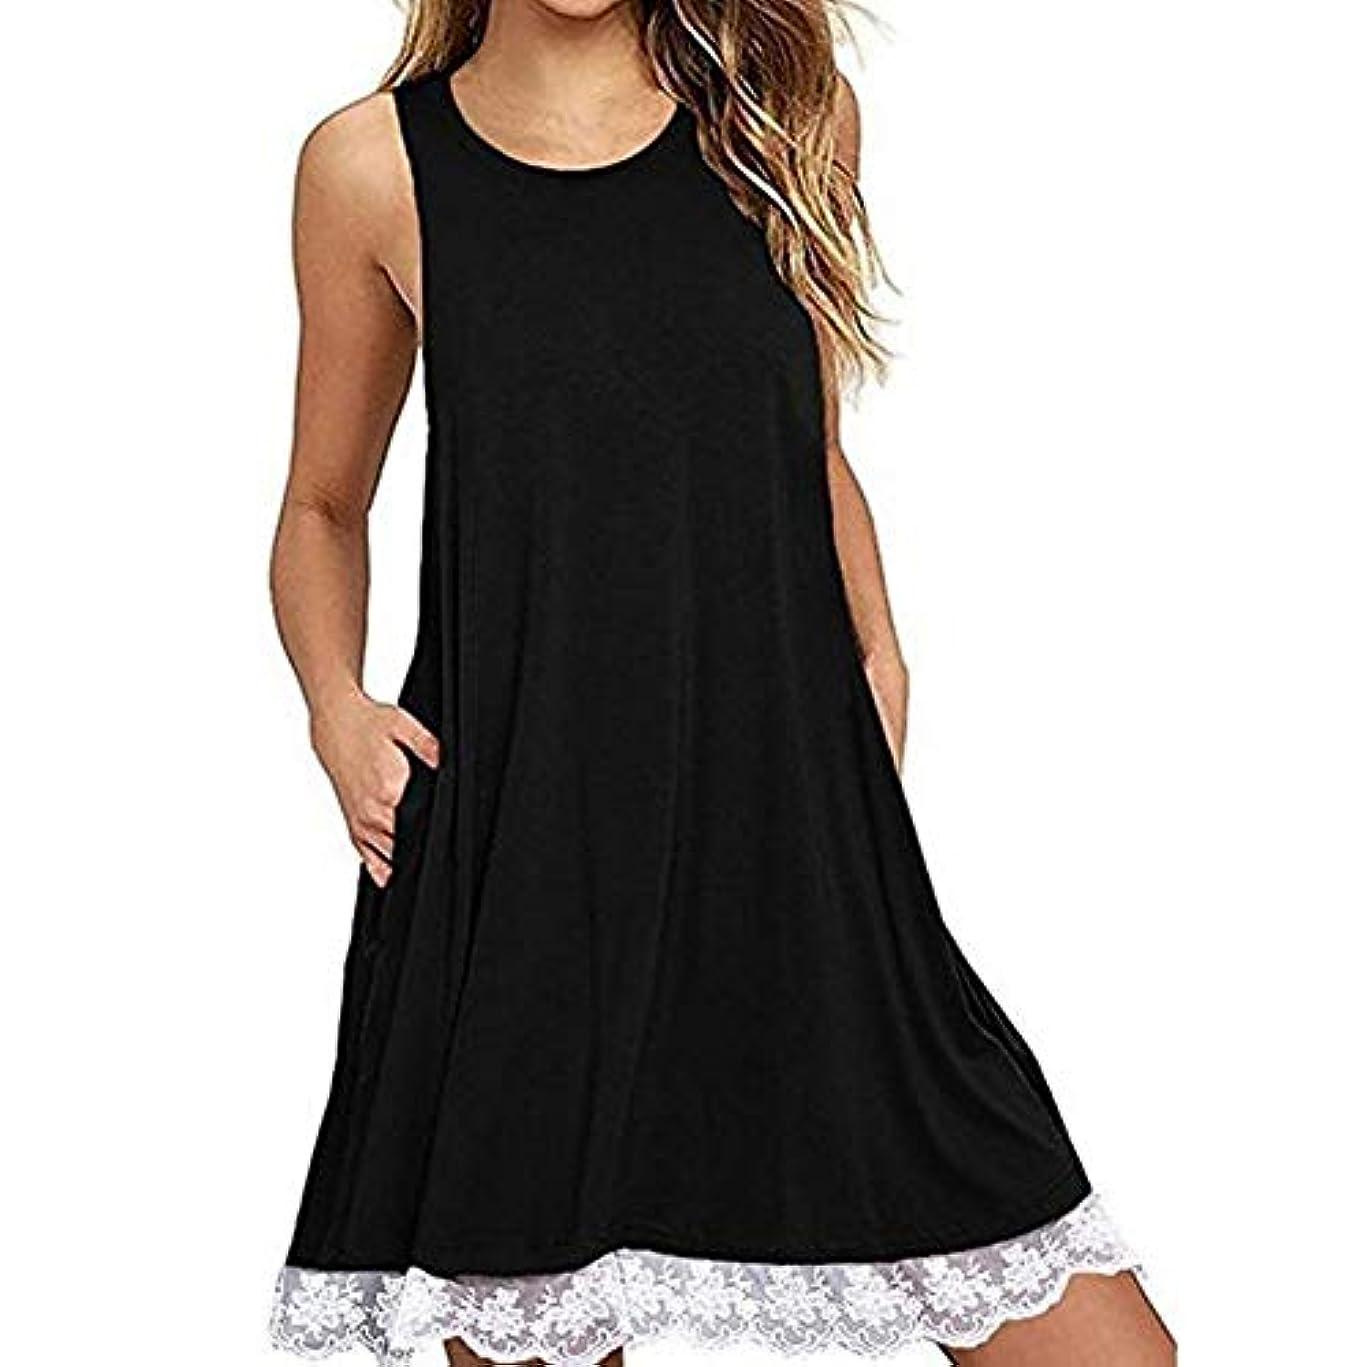 確かな日焼け優先権MIFAN の女性のドレスカジュアルな不規則なドレスルースサマービーチTシャツドレス